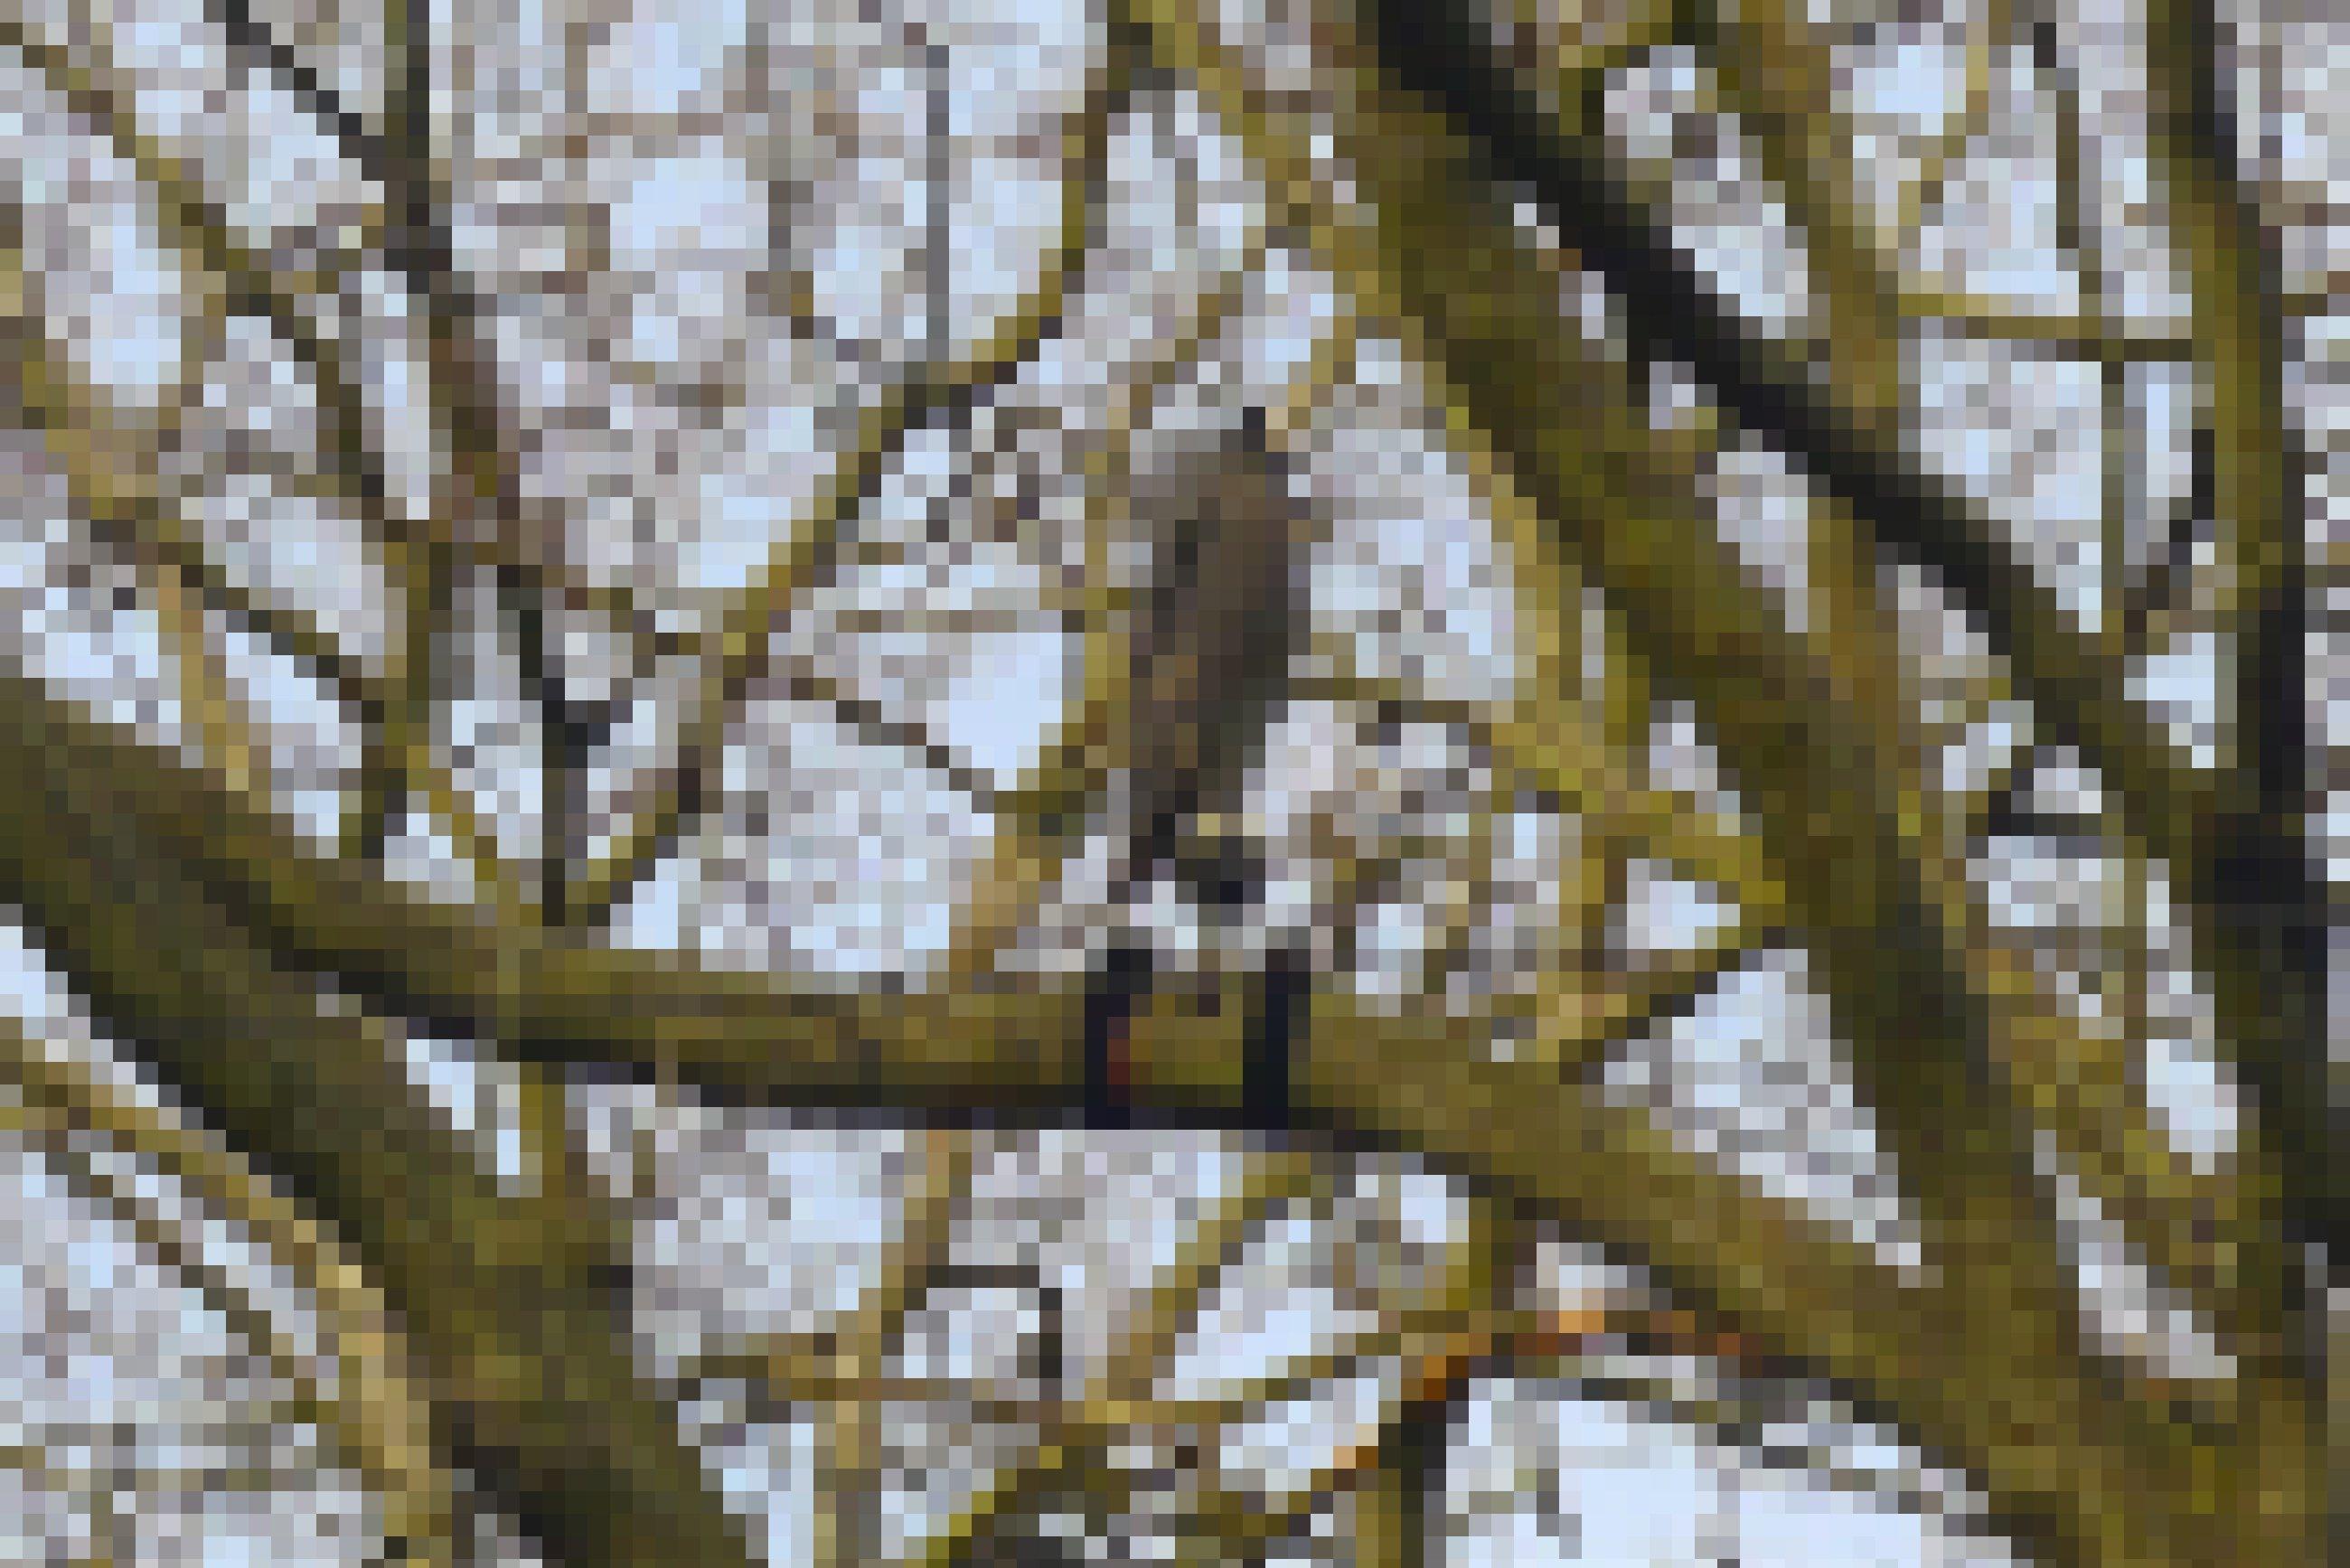 Eine Uhu-Attrappe in einem Baum.